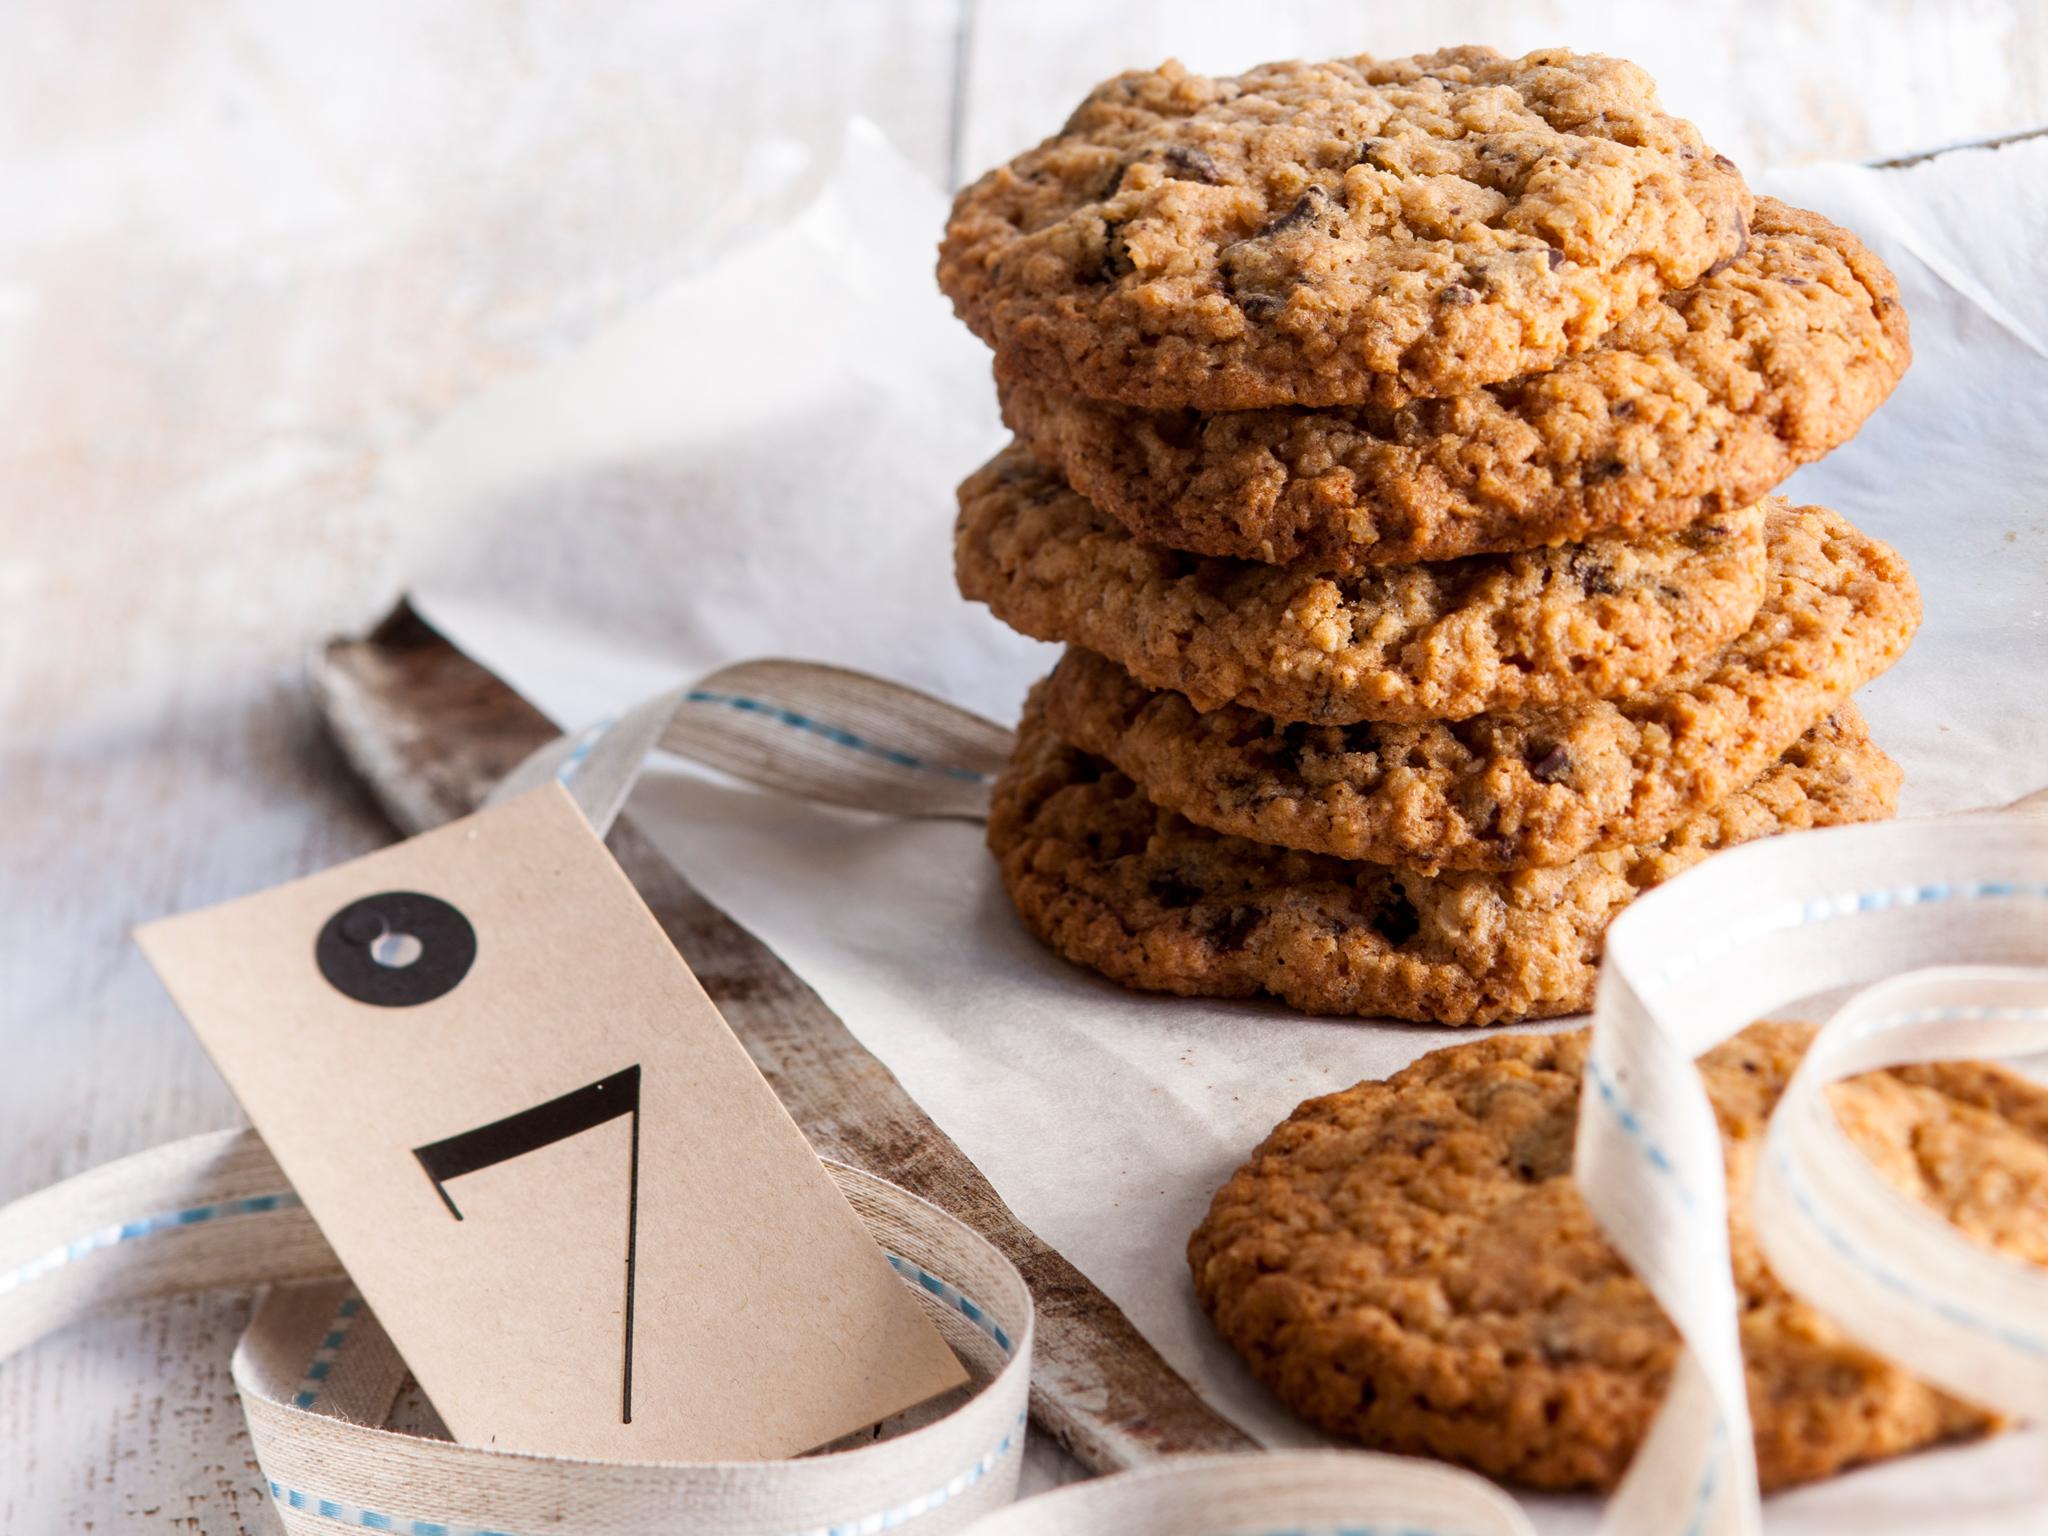 Gluteenittomat ja maidottomat cookiet